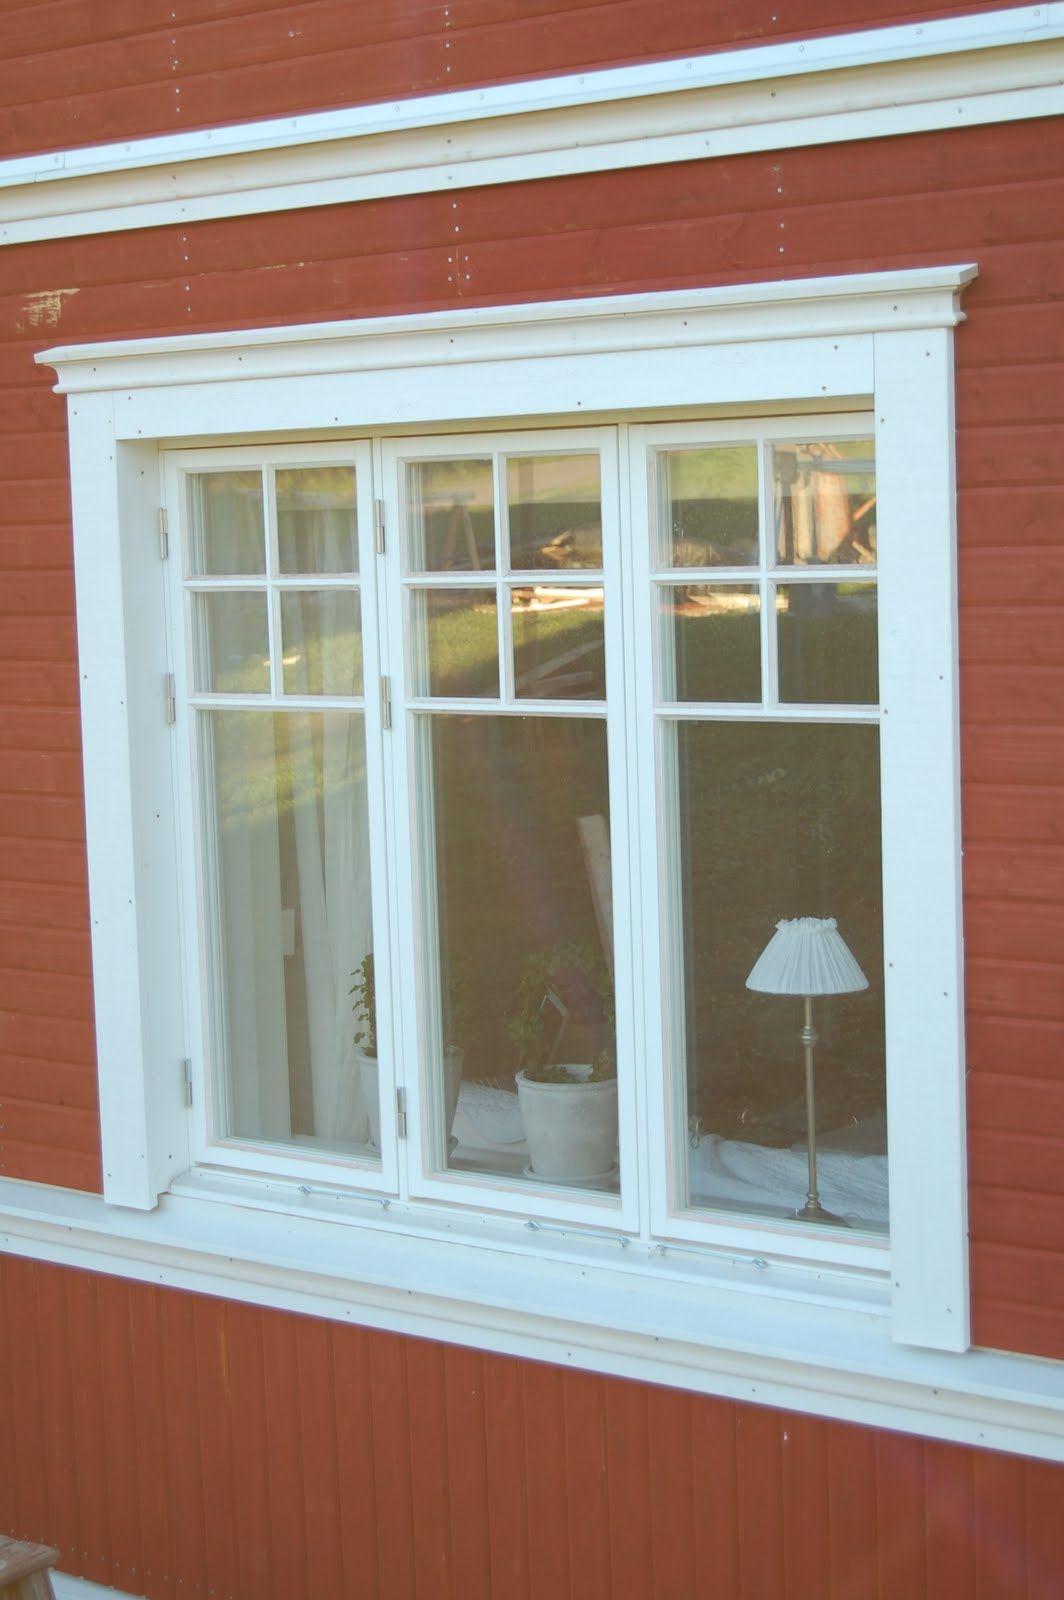 växthus av fönster